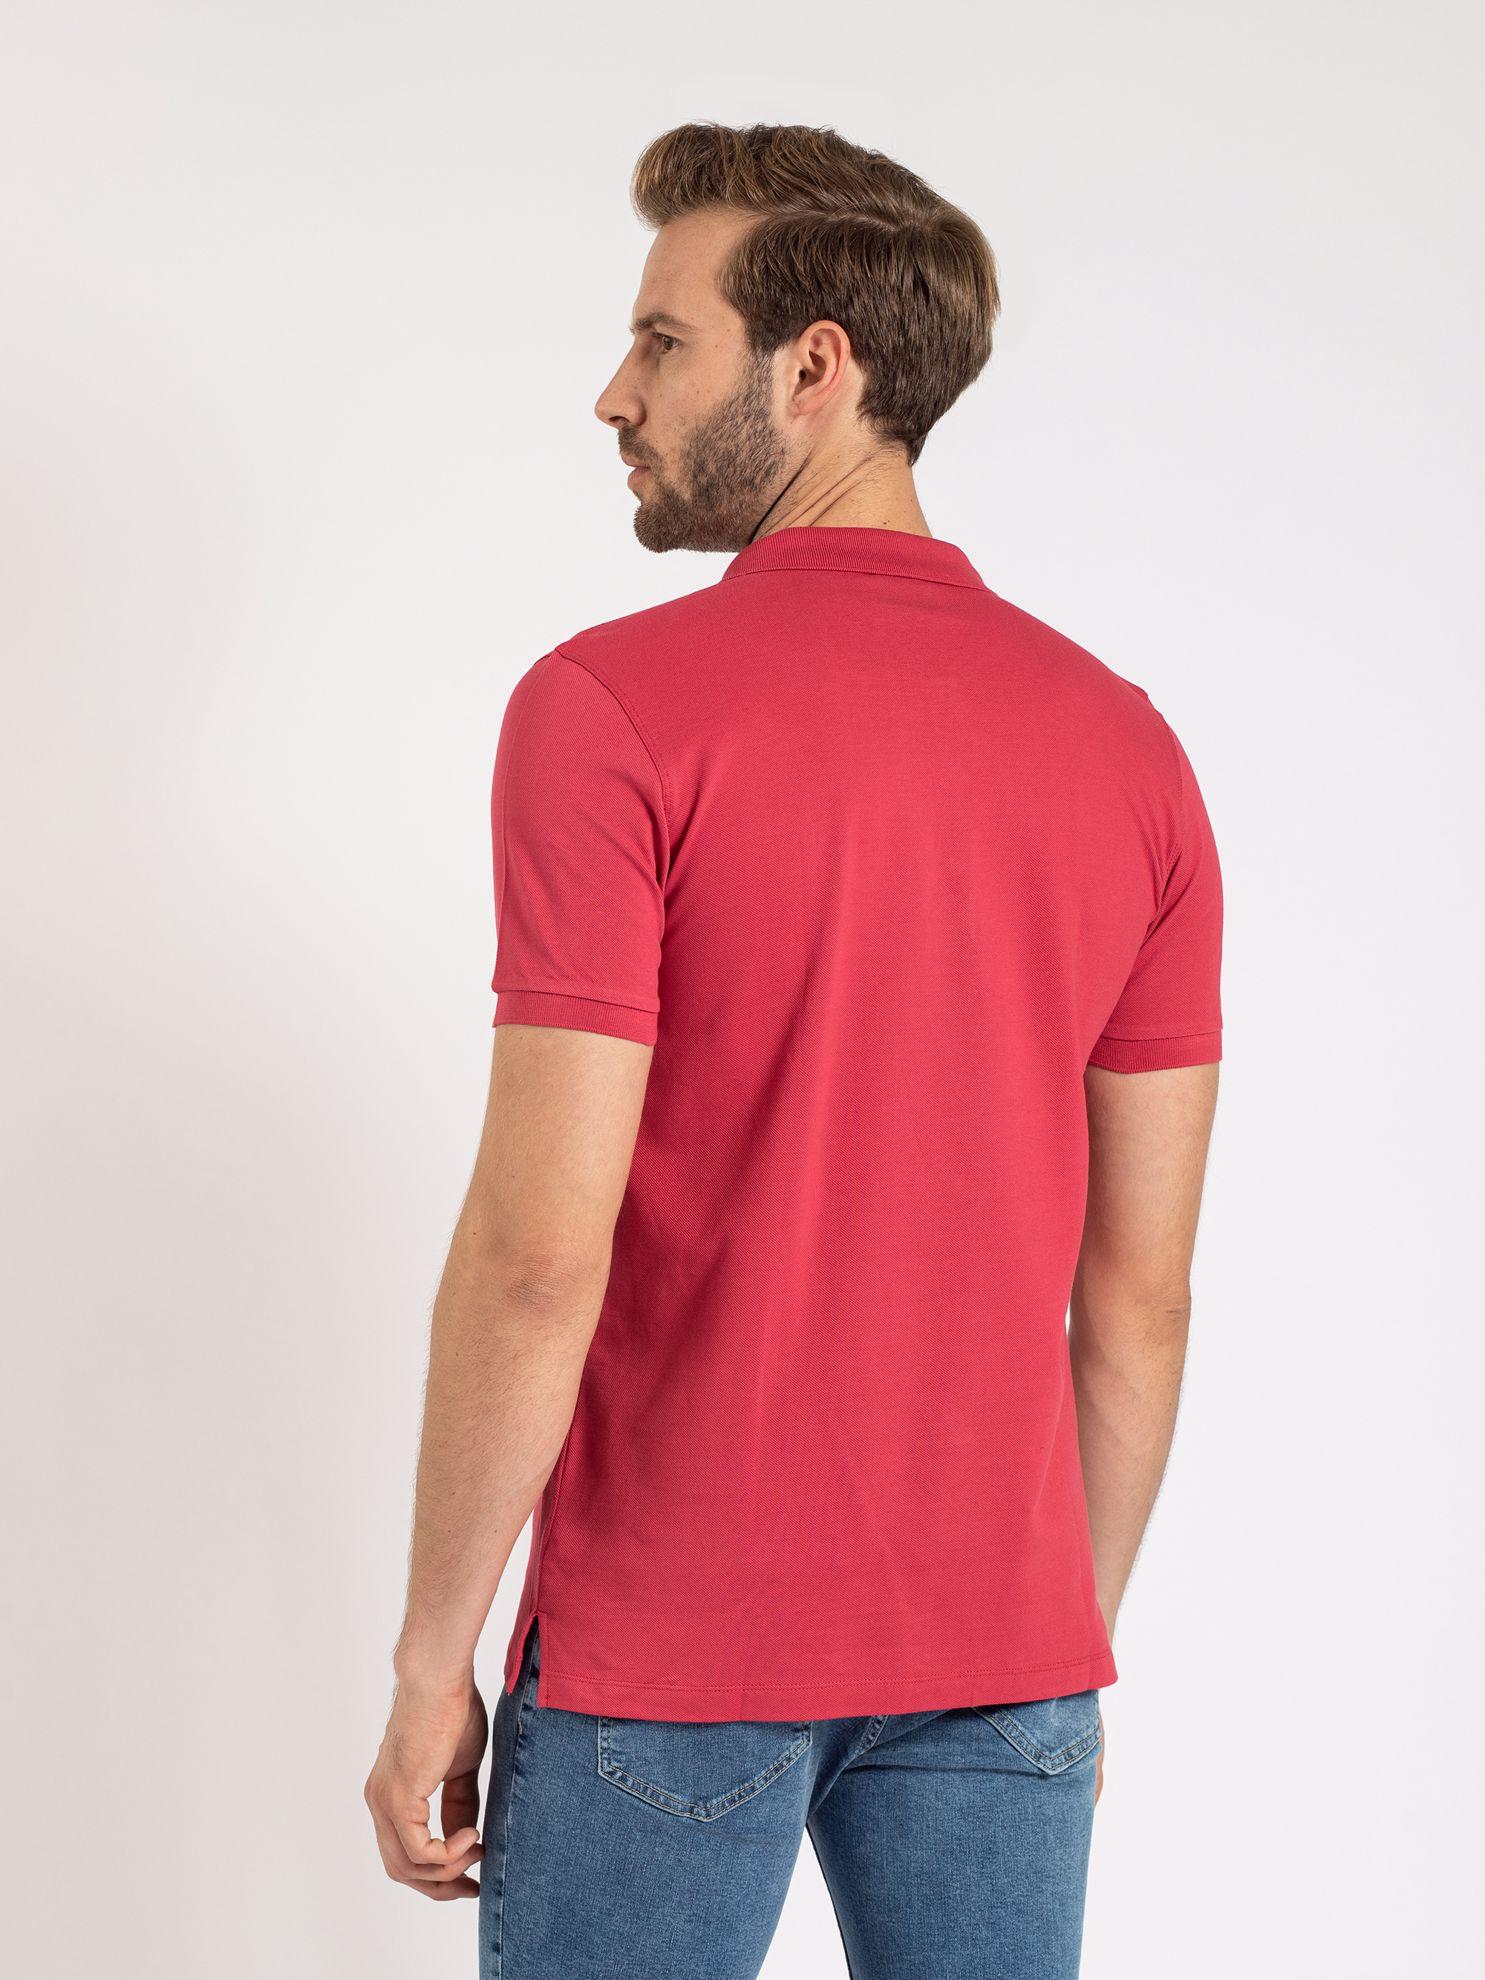 Karaca Erkek Slım Fıt Polo Yaka Tişört-Nar Çiçeği. ürün görseli